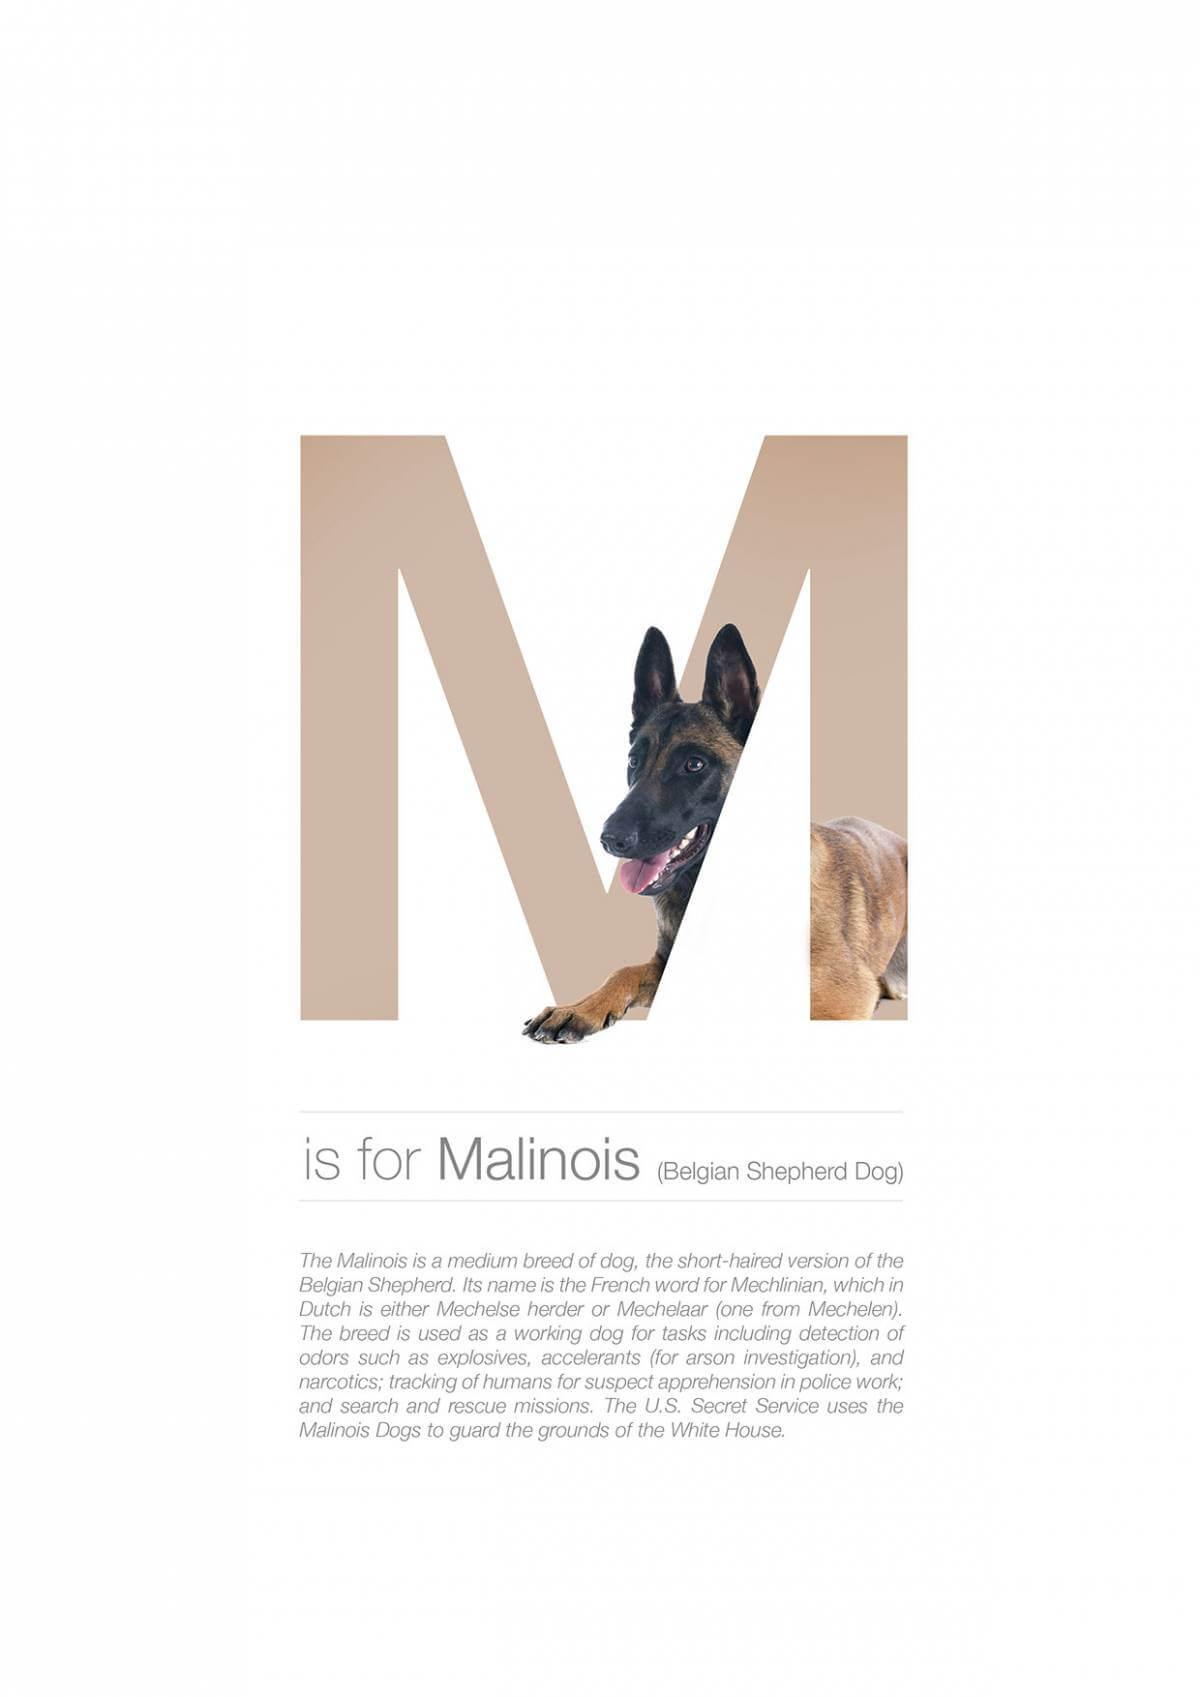 M ตัวอักษรกราฟฟิค A Z สายพันธุ์หมาไอเดียน่ารักจากดีไซน์เนอร์โรมาเนีย